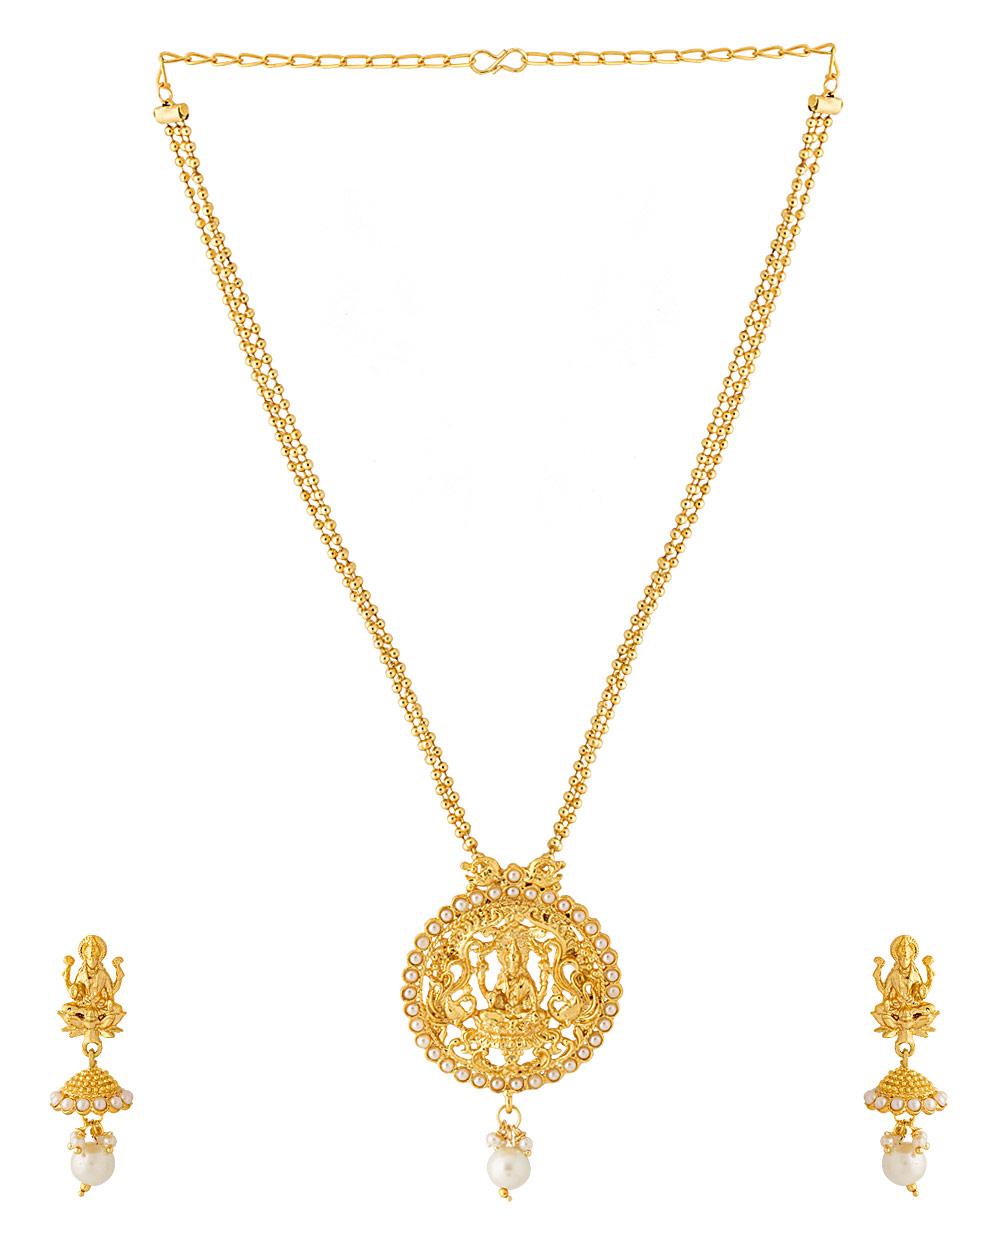 Gold Plated Temple Design Pendant Set with Lakshmi Motif   Buy ...